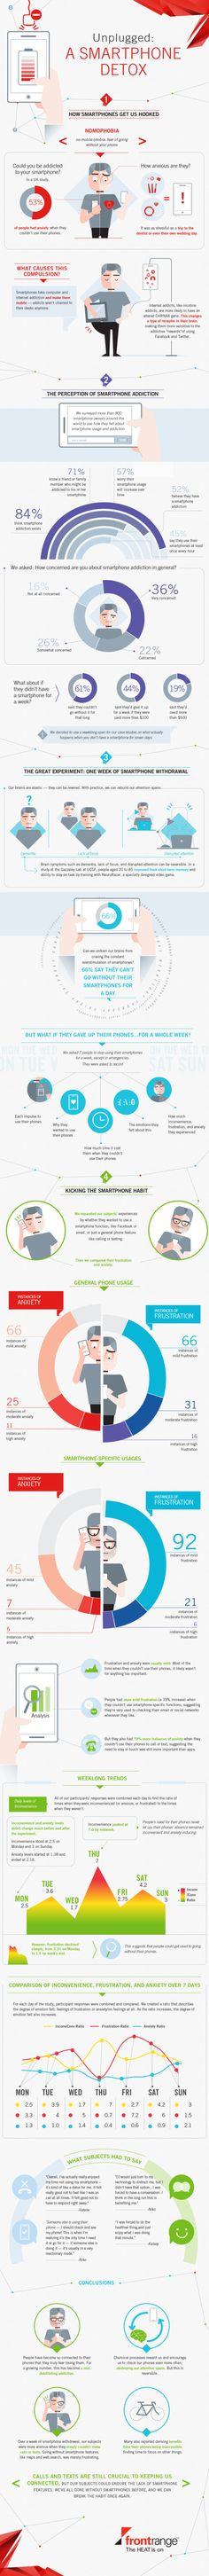 La phobie d'être éloigné de son smartphone bien réelle... - Influencia